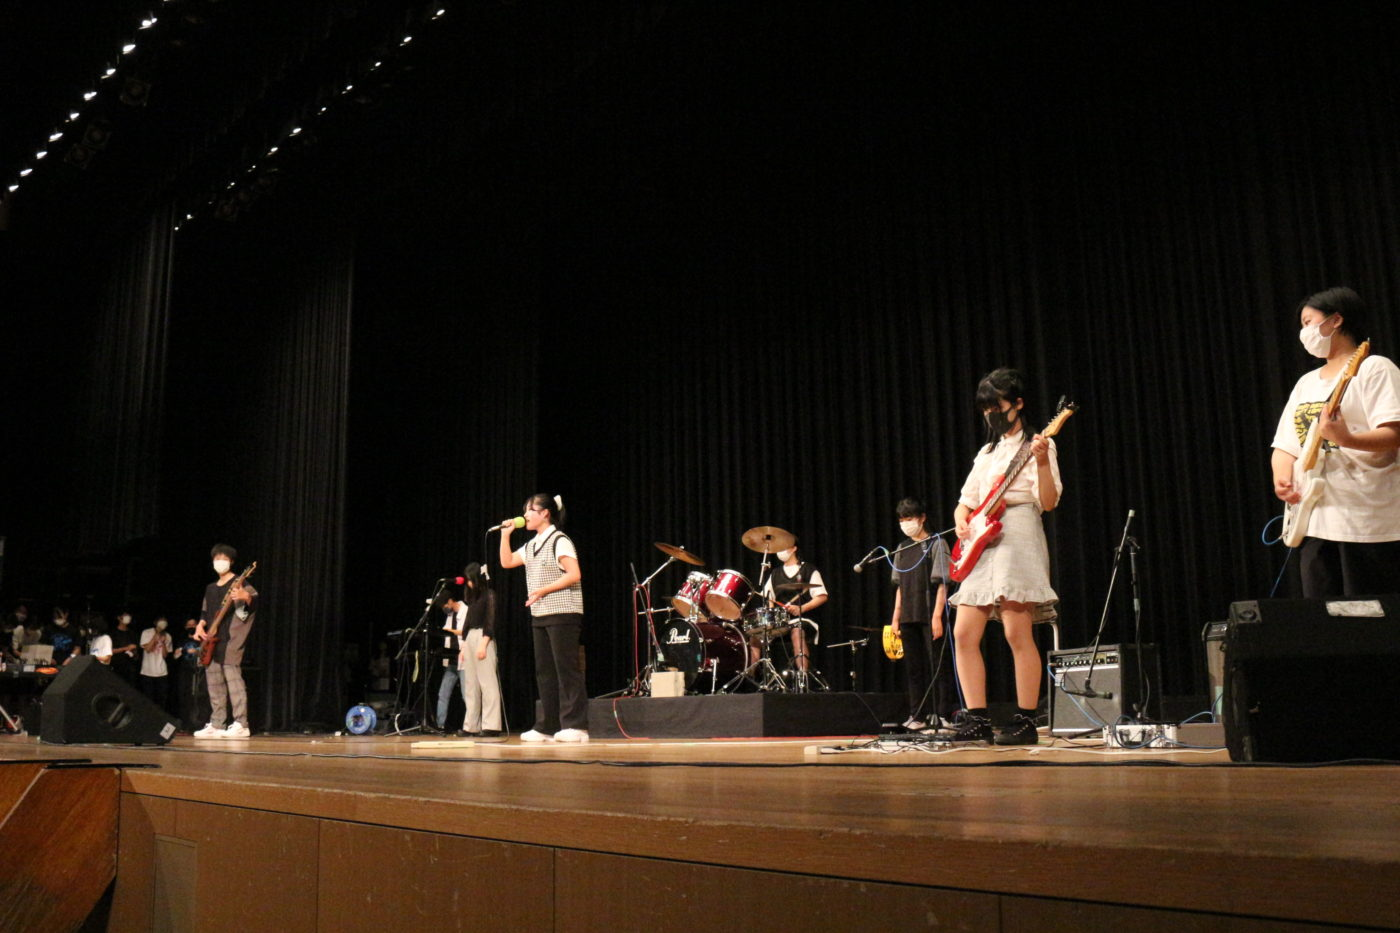 南河内ロックフェスティバル開催ムービー公開!